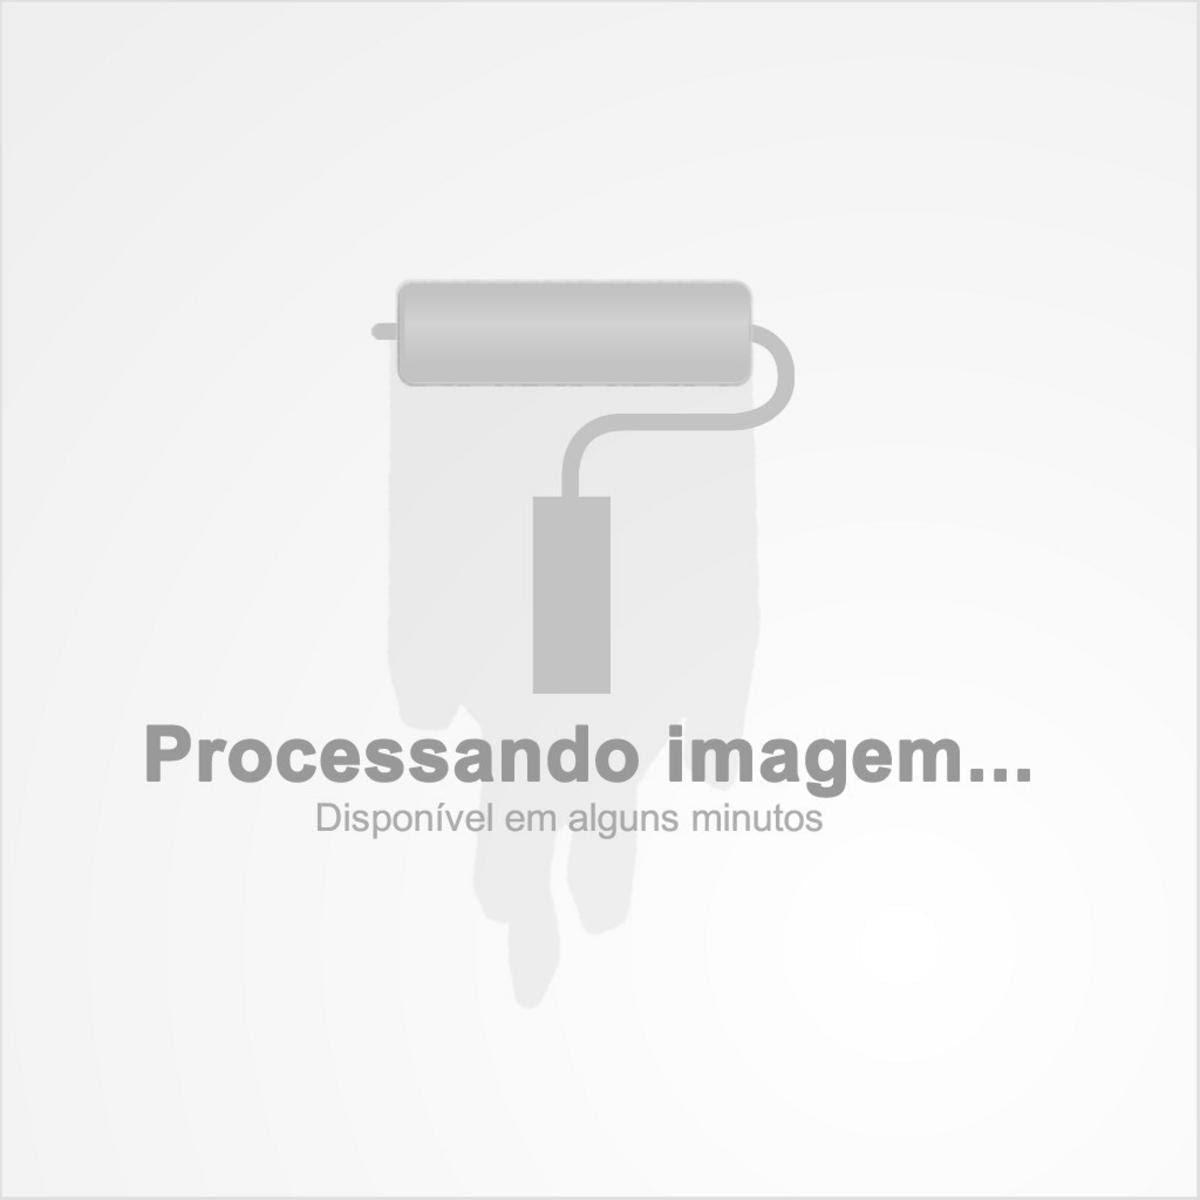 Eletroventilador - Astra/zafira 9910 / Vectra 0610 Radiador